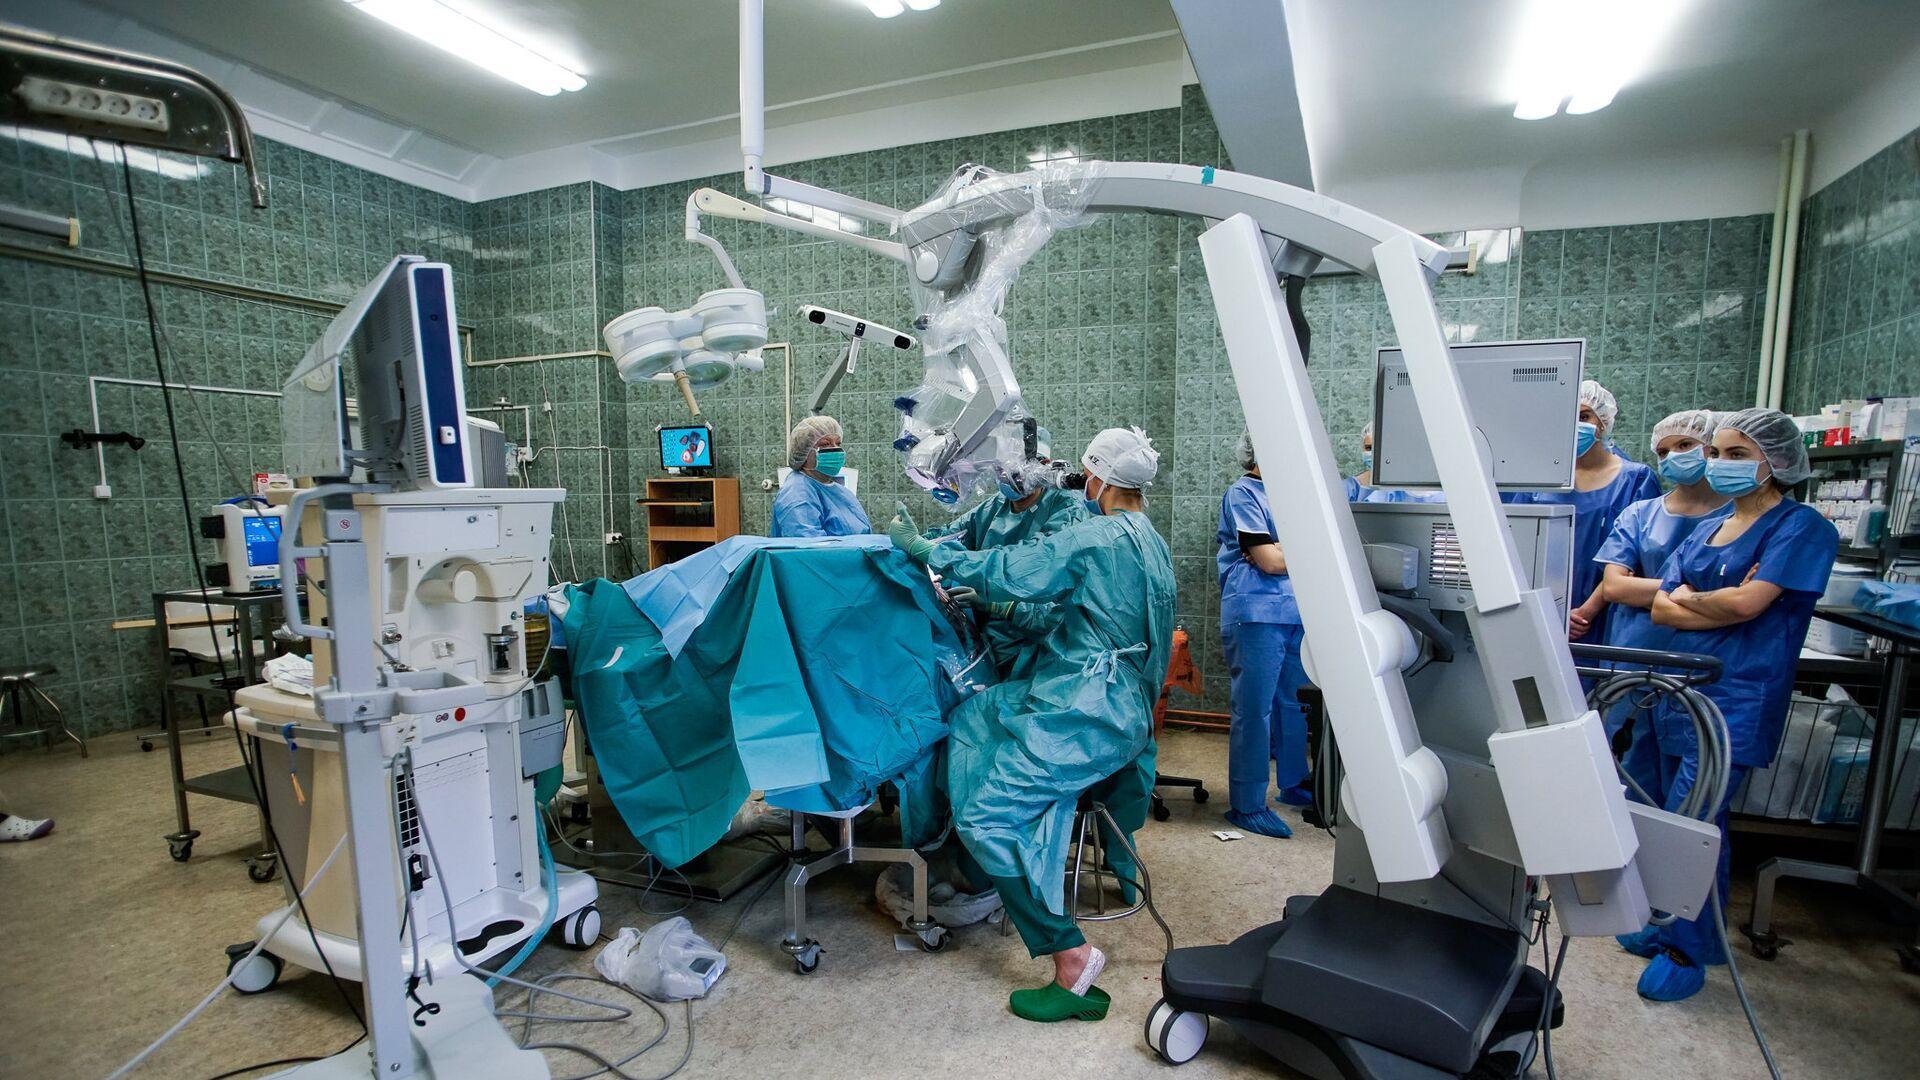 Участники образовательной акции День теней на хирургической операции в больнице им. Паула Страдыня - Sputnik Латвия, 1920, 20.06.2021